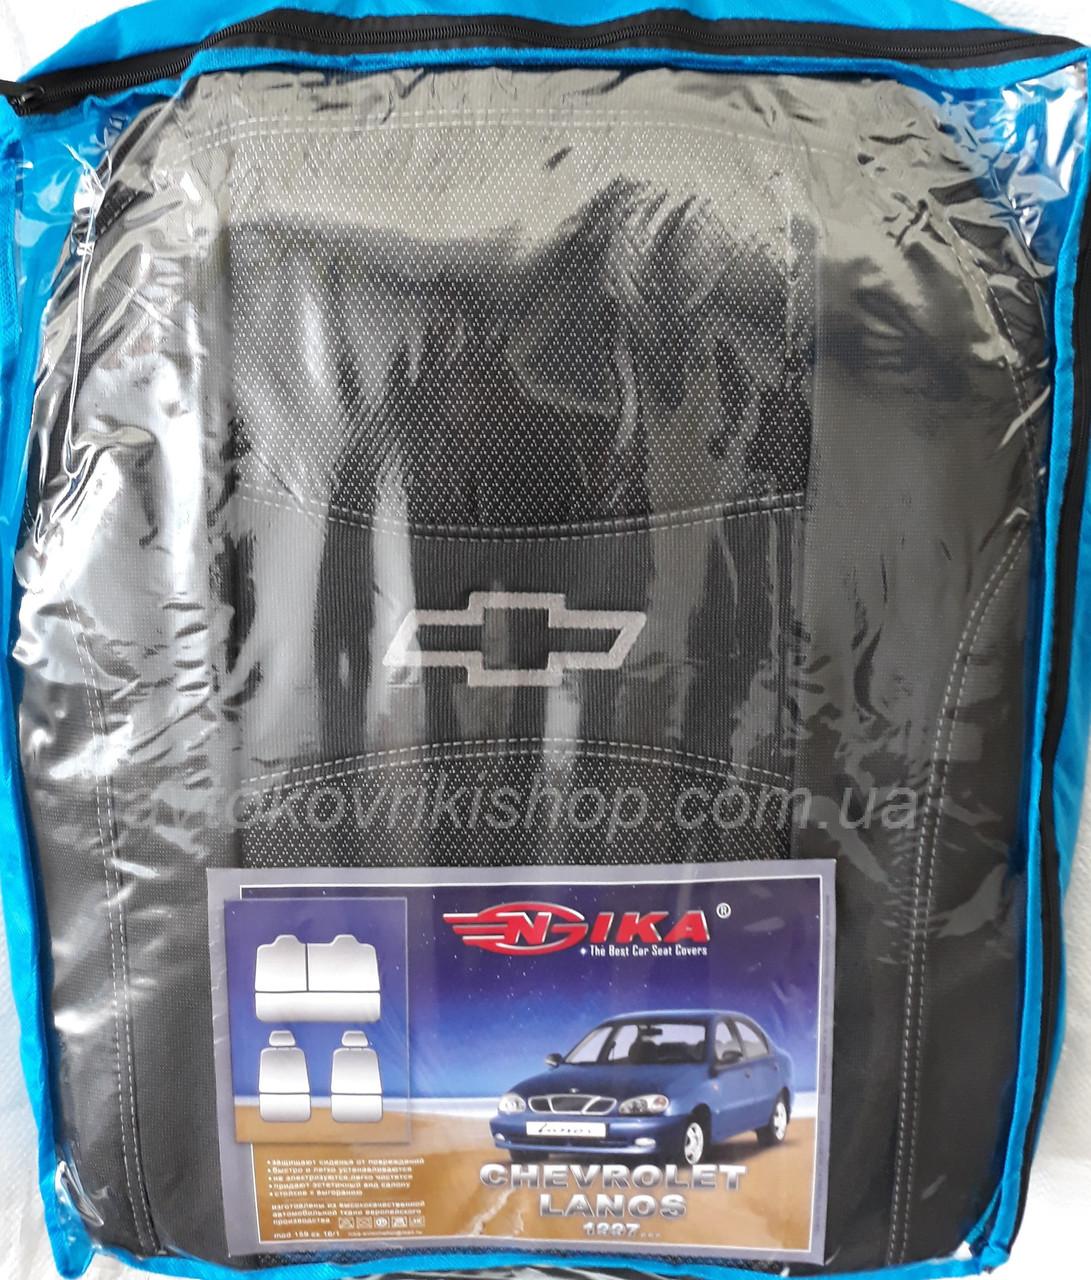 Автомобильные чехлы Chevrolet Lanos 1997- Nika